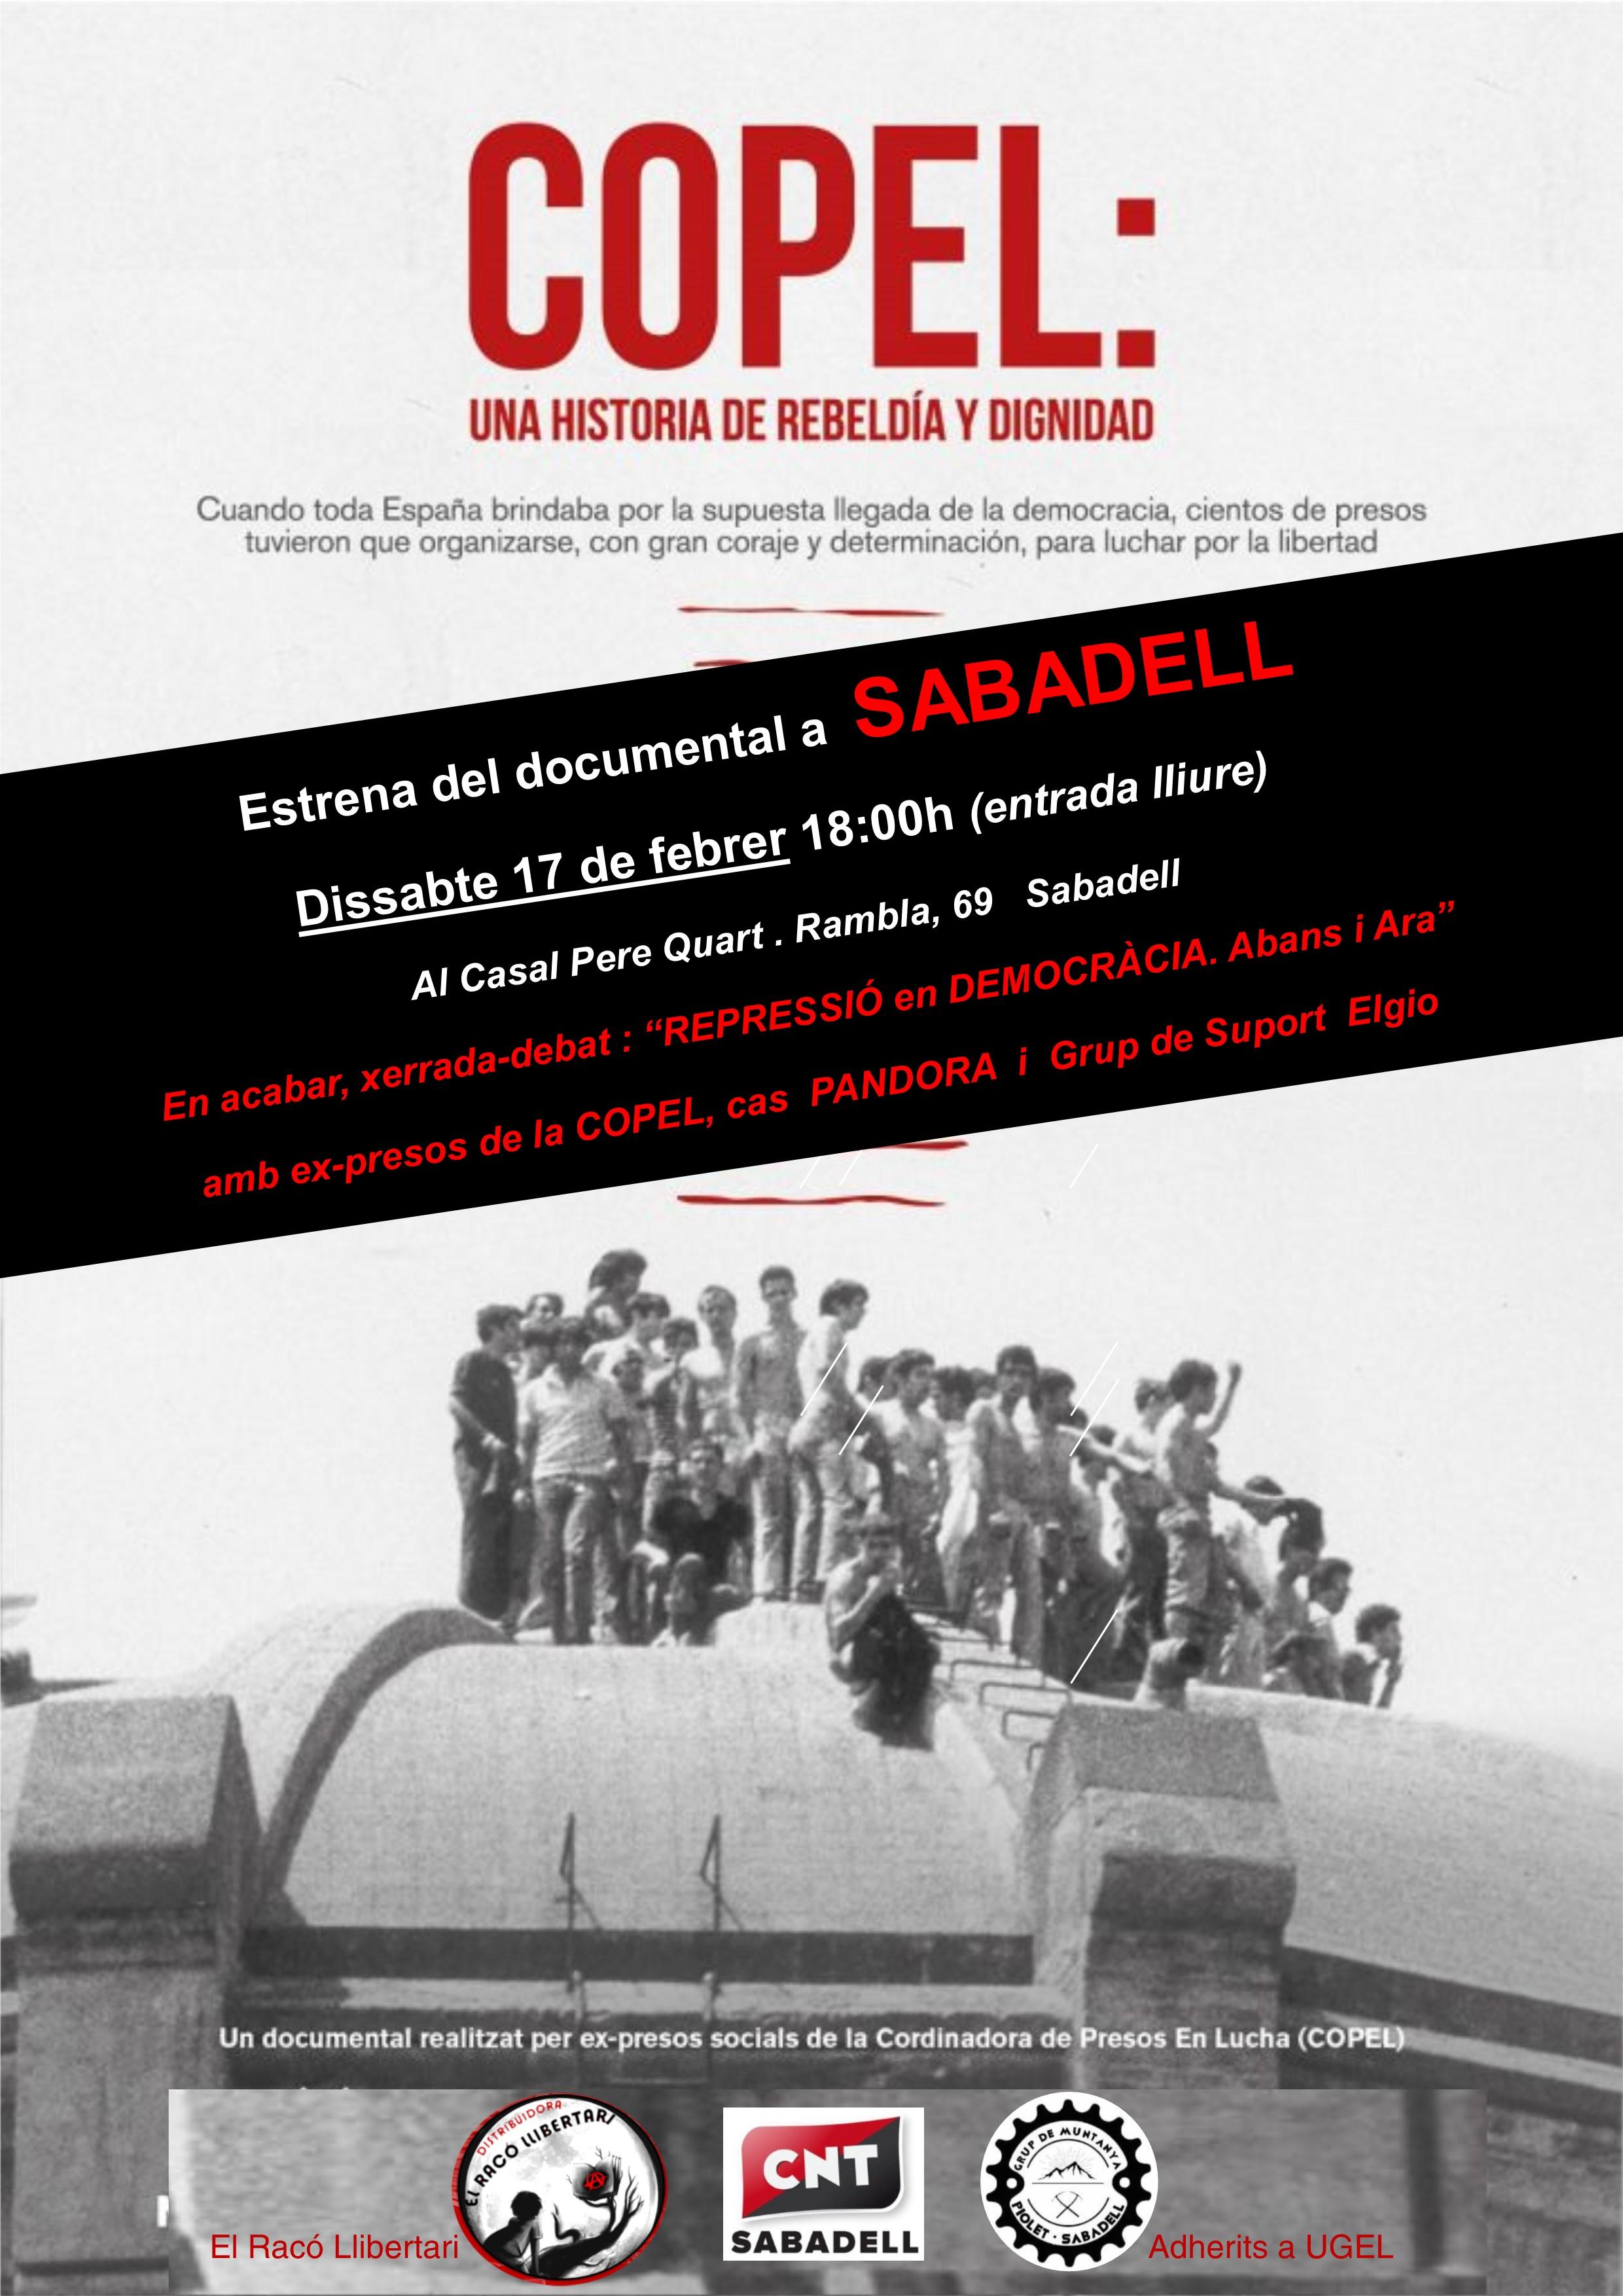 """17 de Febrero: Estreno del Documental """"COPEL"""" en Sabadell + Charla-Debate """"Represión en Democracia, antes y ahora"""""""""""